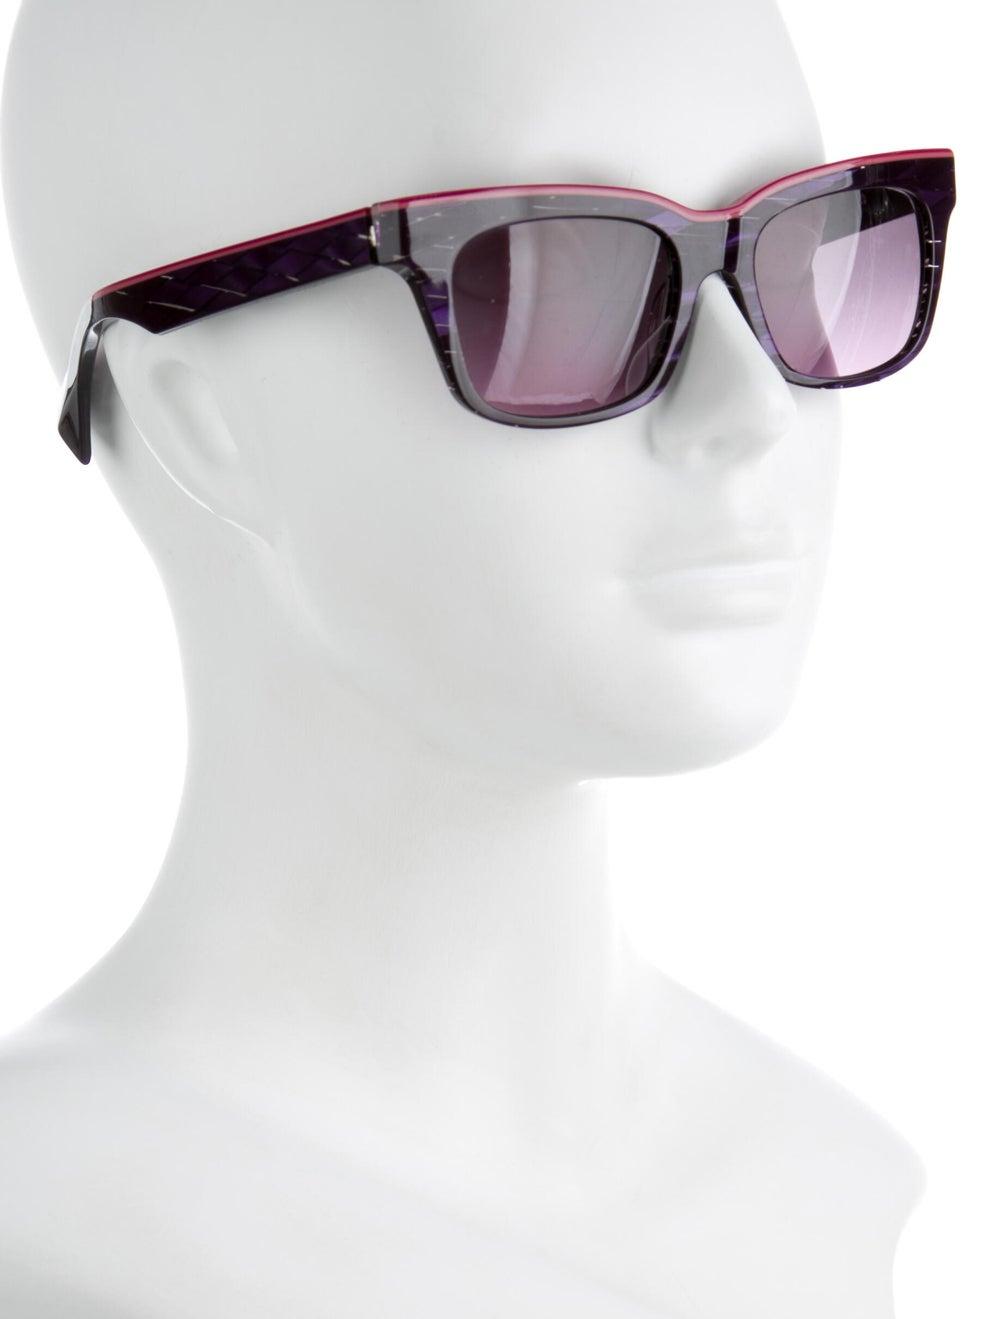 Alain Mikli Square Tinted Sunglasses Purple - image 4